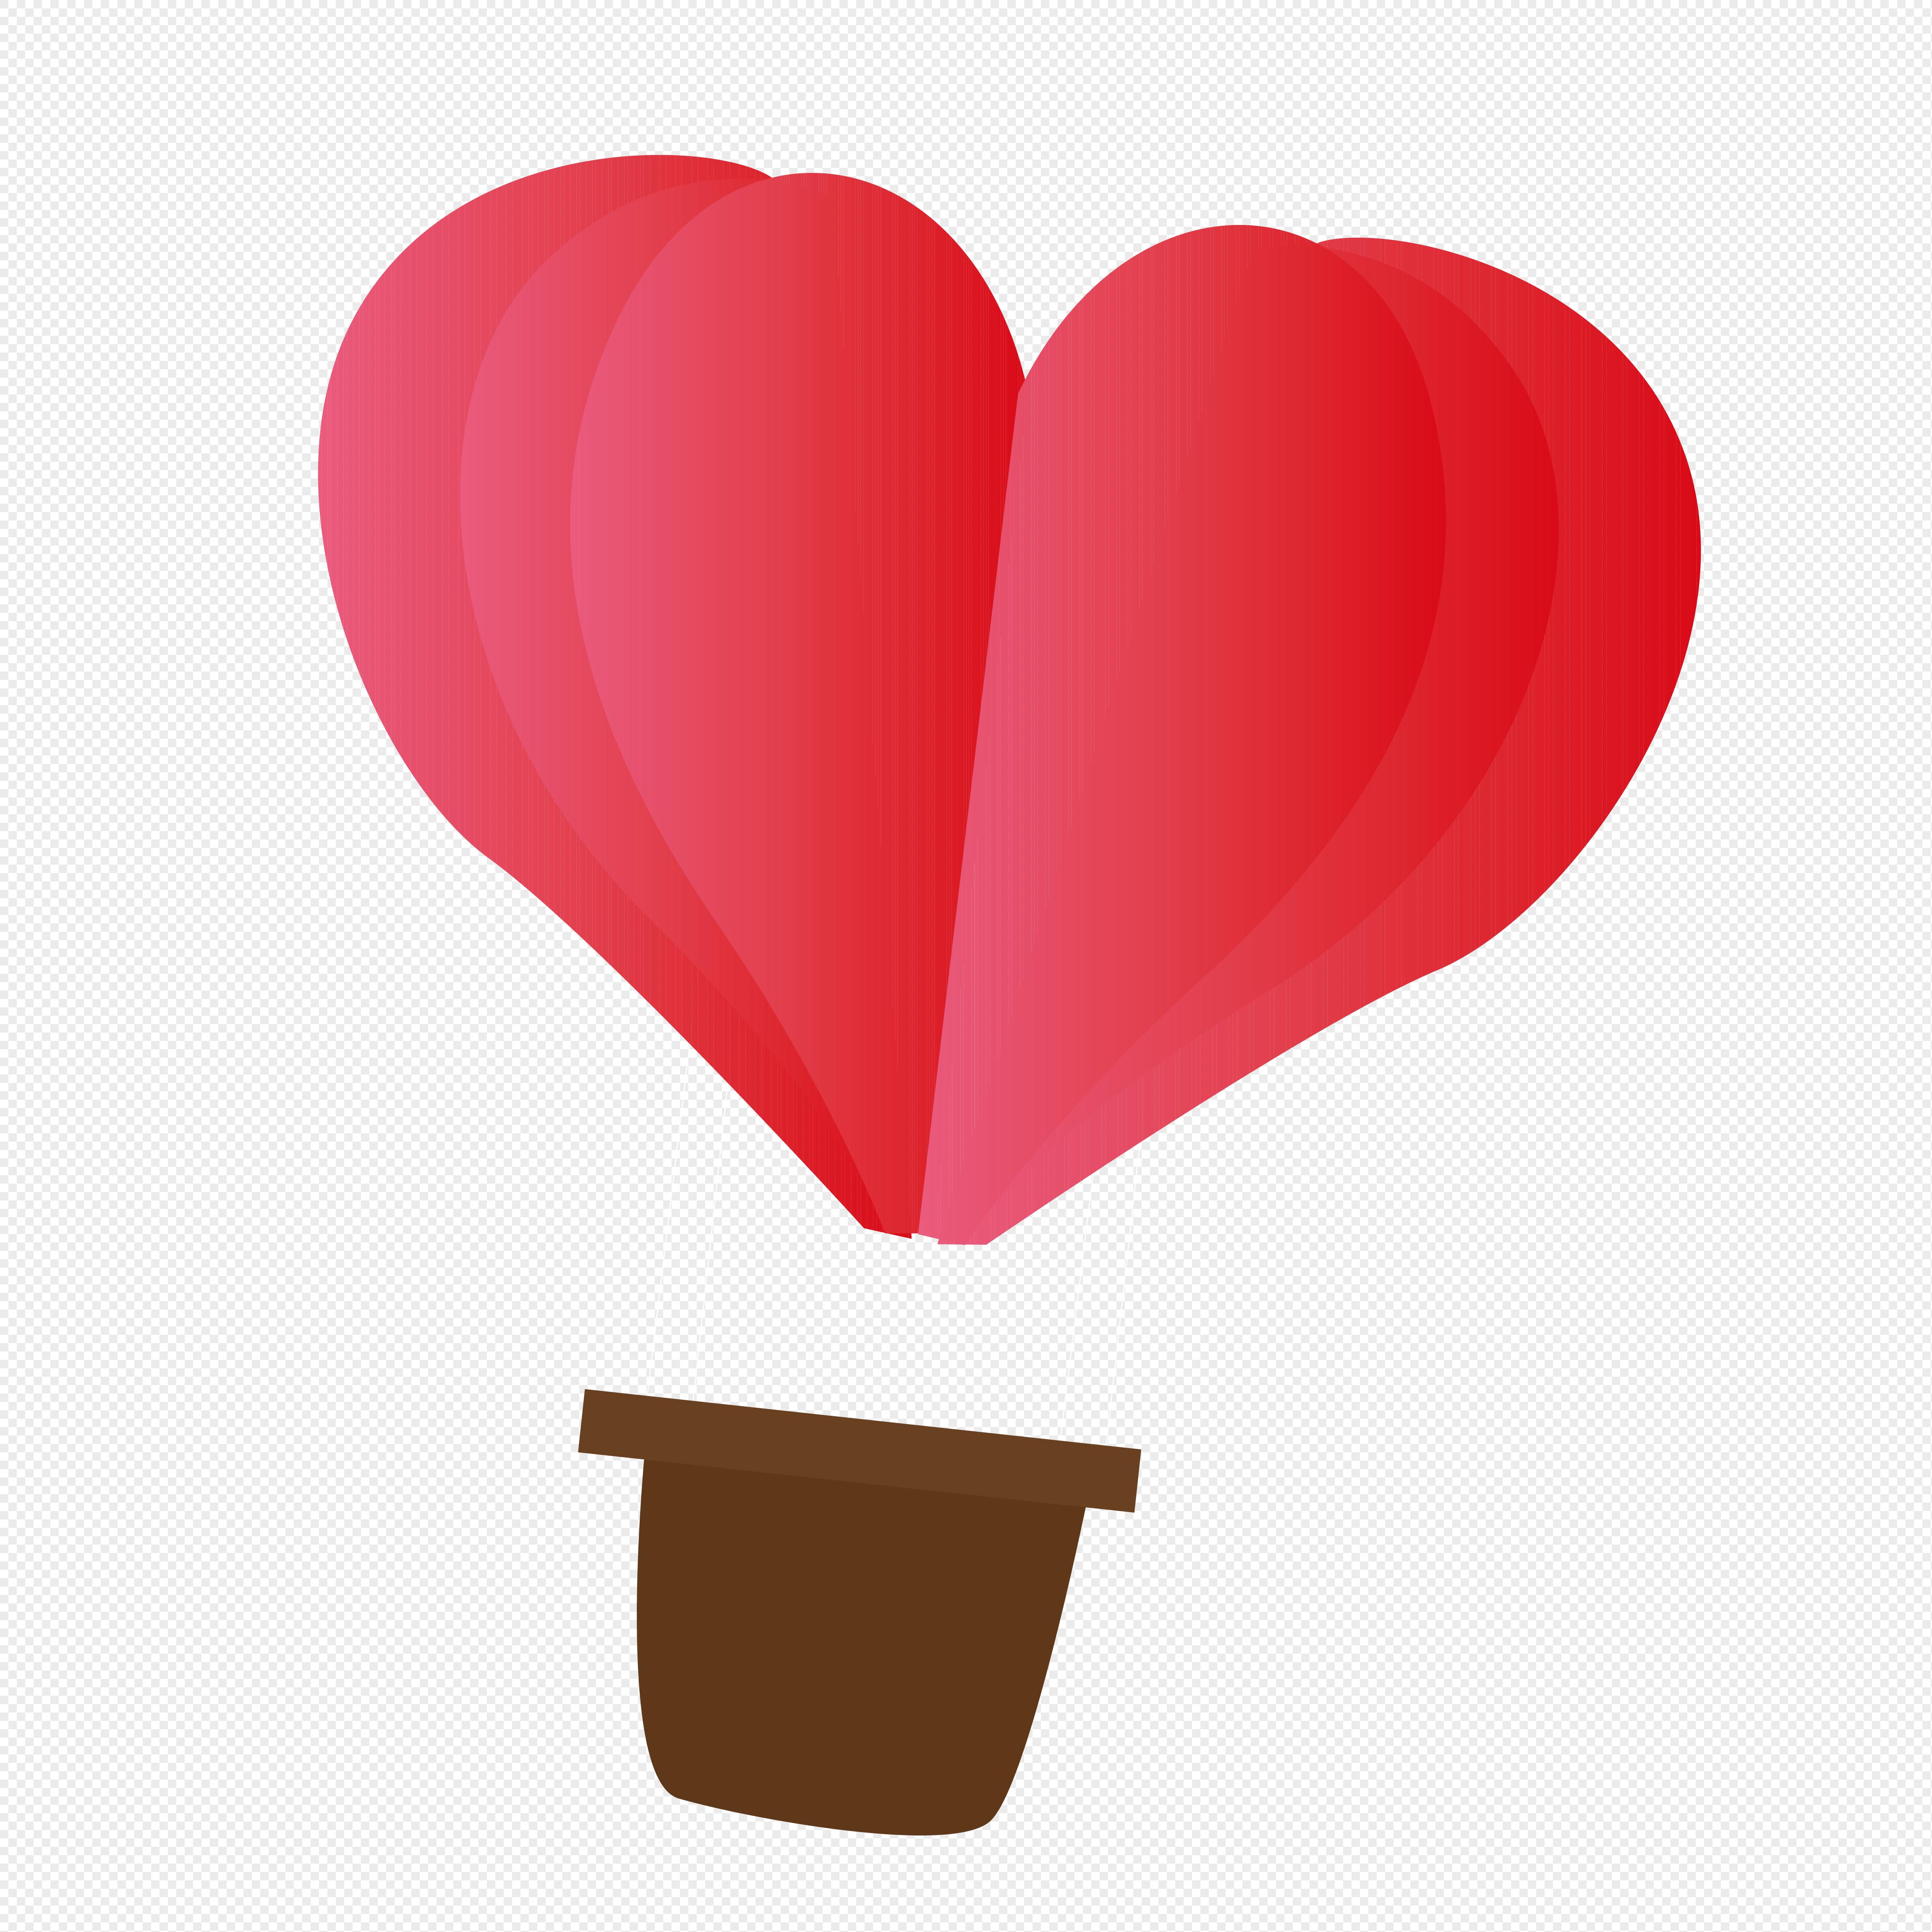 图片 素材 手绘/卡通元素 爱心热气球.